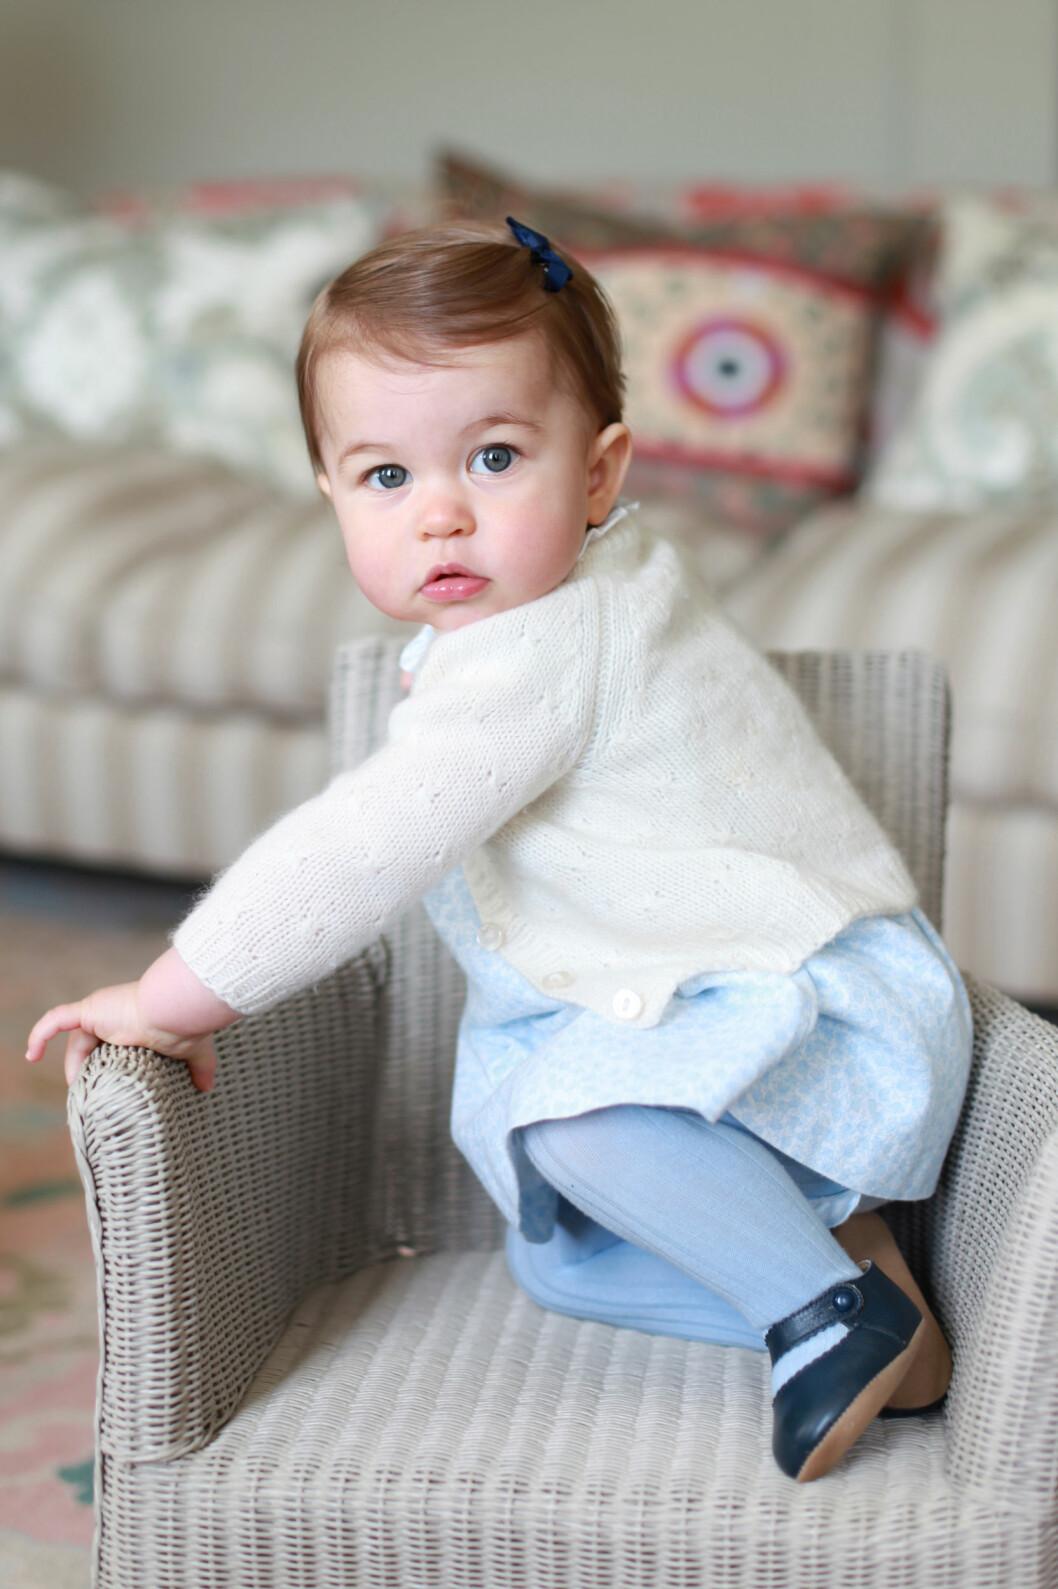 SJARMERER I SENK: På et av bildene er prinsesse Charlotte ikledd en blå kjole, med blå sløyfe i håret. I tillegg har hun på seg en kremhvit strikkejakke.  Foto: Reuters